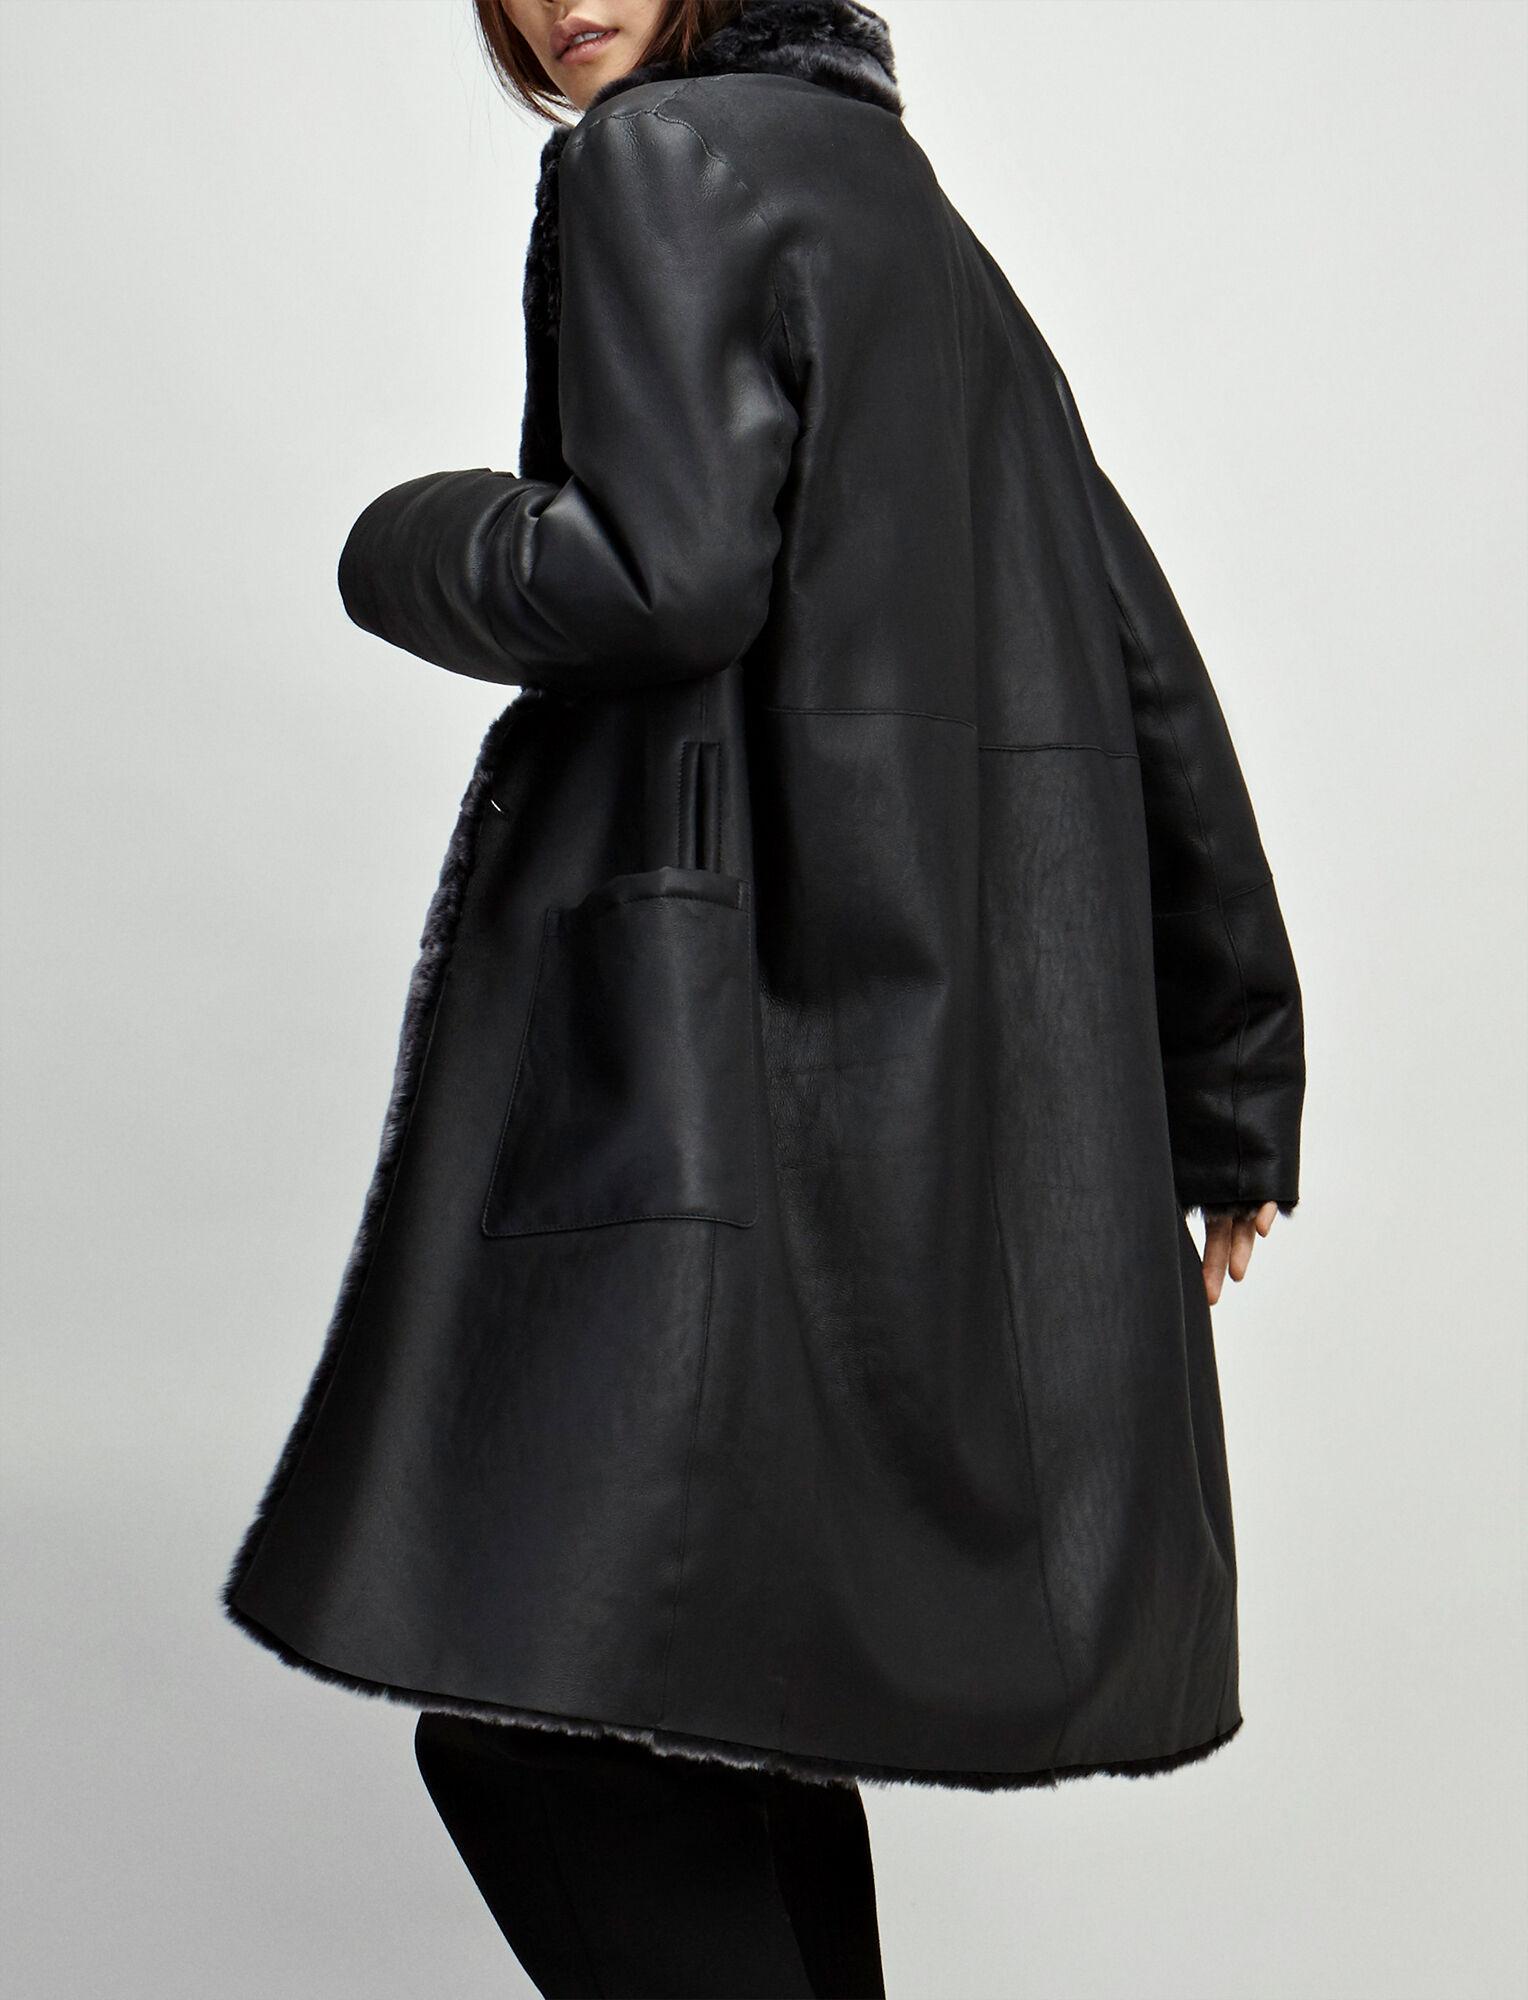 Joseph, Polar Skin Brittany Sheepskin, in BLACK